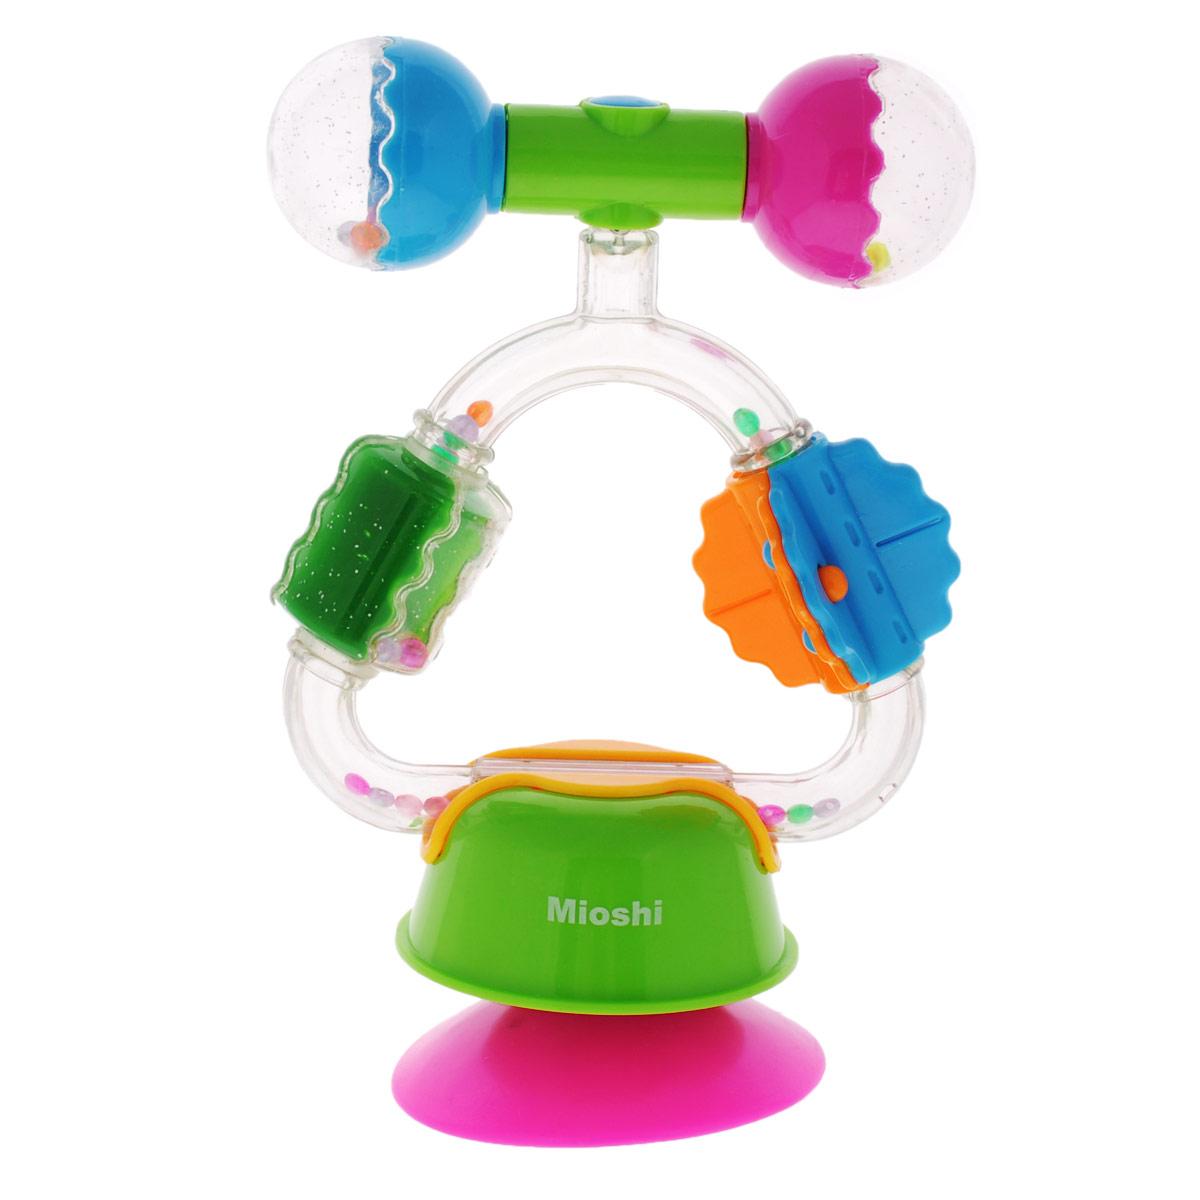 Погремушка-игровой центр Mioshi РадугаTY9028Яркая, звонкая, приятная на ощупь игрушка Mioshi Радуга с фиксатором-липучкой станет любимым развлечением вашей крохи. Игрушка помогает развивать мелкую моторику, восприятие формы и цвета предметов, а также слух и зрение. Игровой центр легко крепится на ровную поверхность с помощью фиксатора-липучки. Игрушки Mioshi созданы специально для малышей, которые только начинают познавать этот волшебный мир. Дети в раннем возрасте всегда очень любознательны, они тщательно исследуют всё, что попадает им в руки. Заботясь о здоровье и безопасности малышей, Mioshi выпускает только качественную продукцию, которая прошла сертификацию.